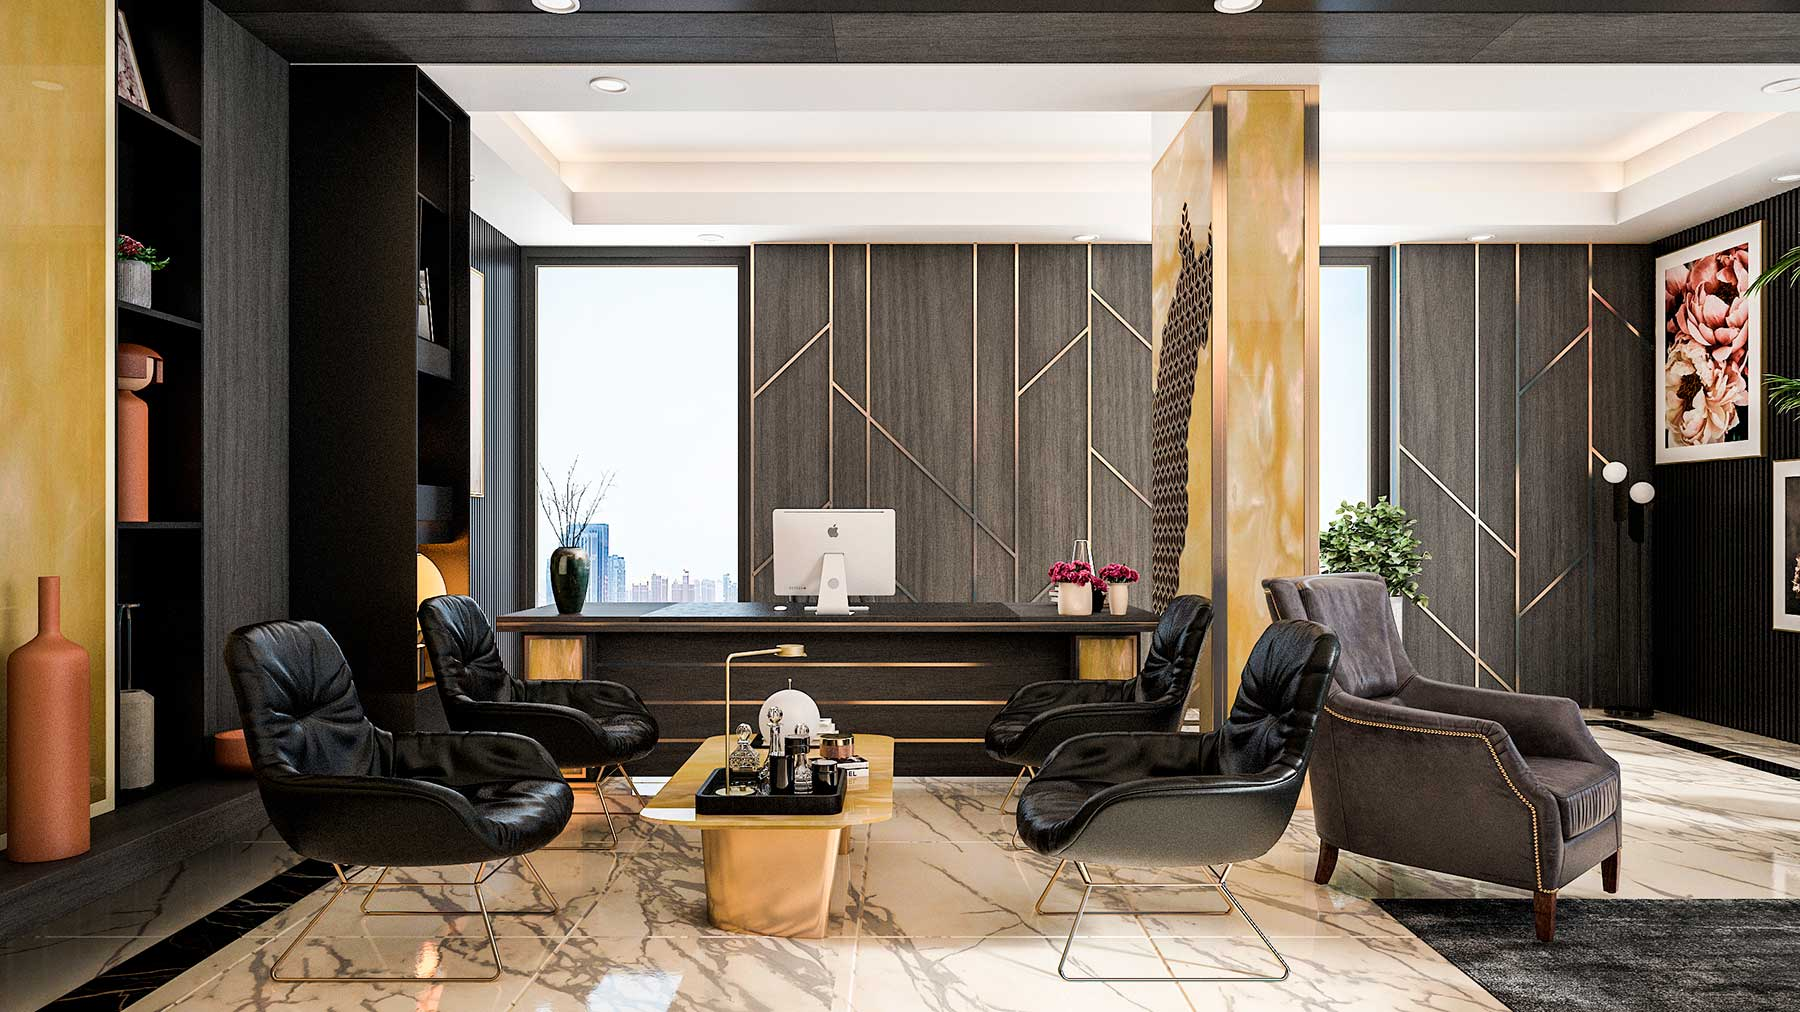 Oficinas de lujo de estilo ejecutivo